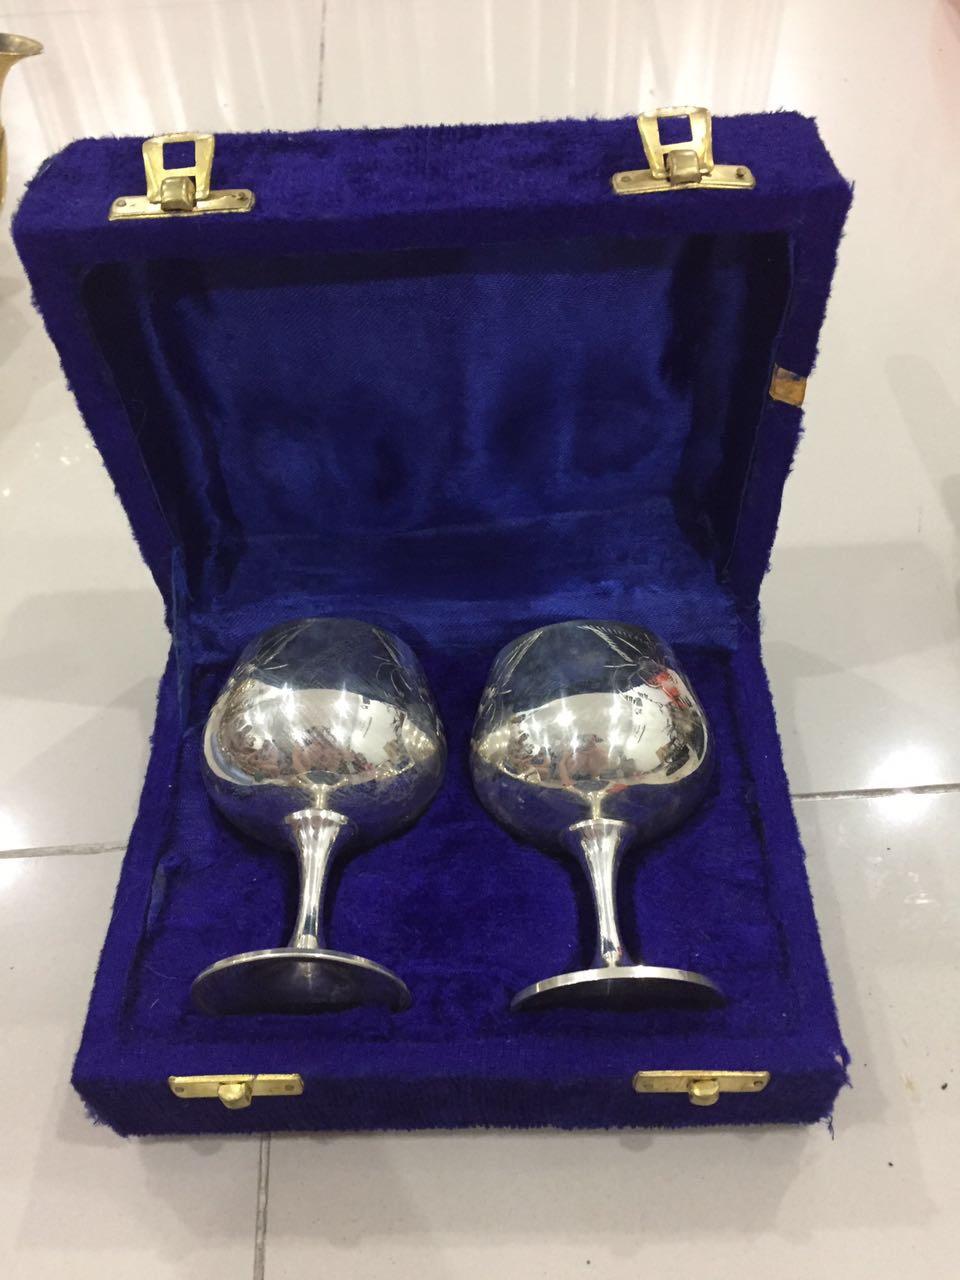 hai ly uống rượu vang bằng bạc sang ai có nhu câu liên hê e đời năm 1940  giá 6tr